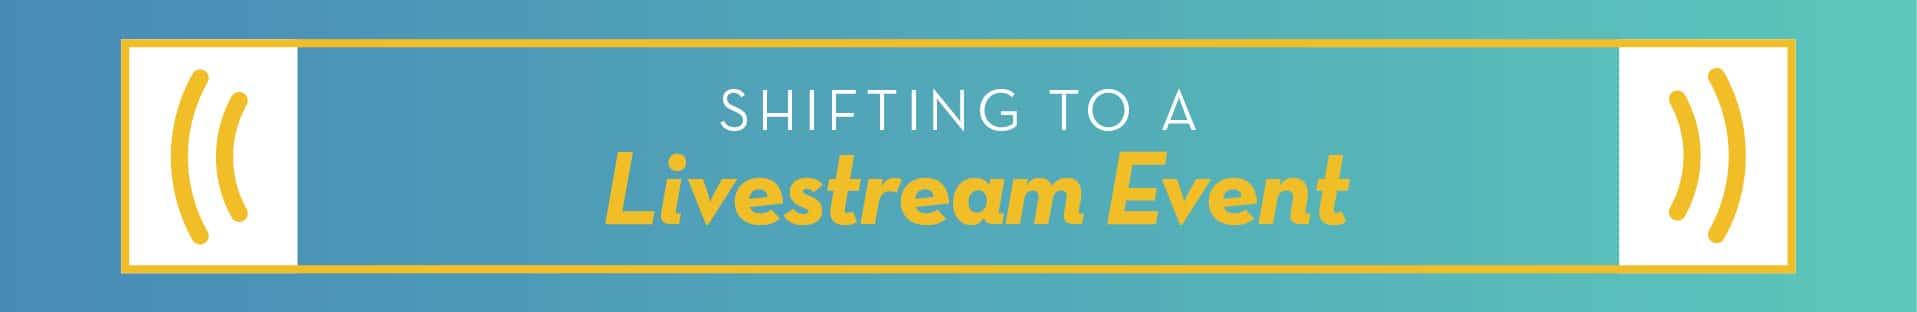 Shifting to a Livestream Event